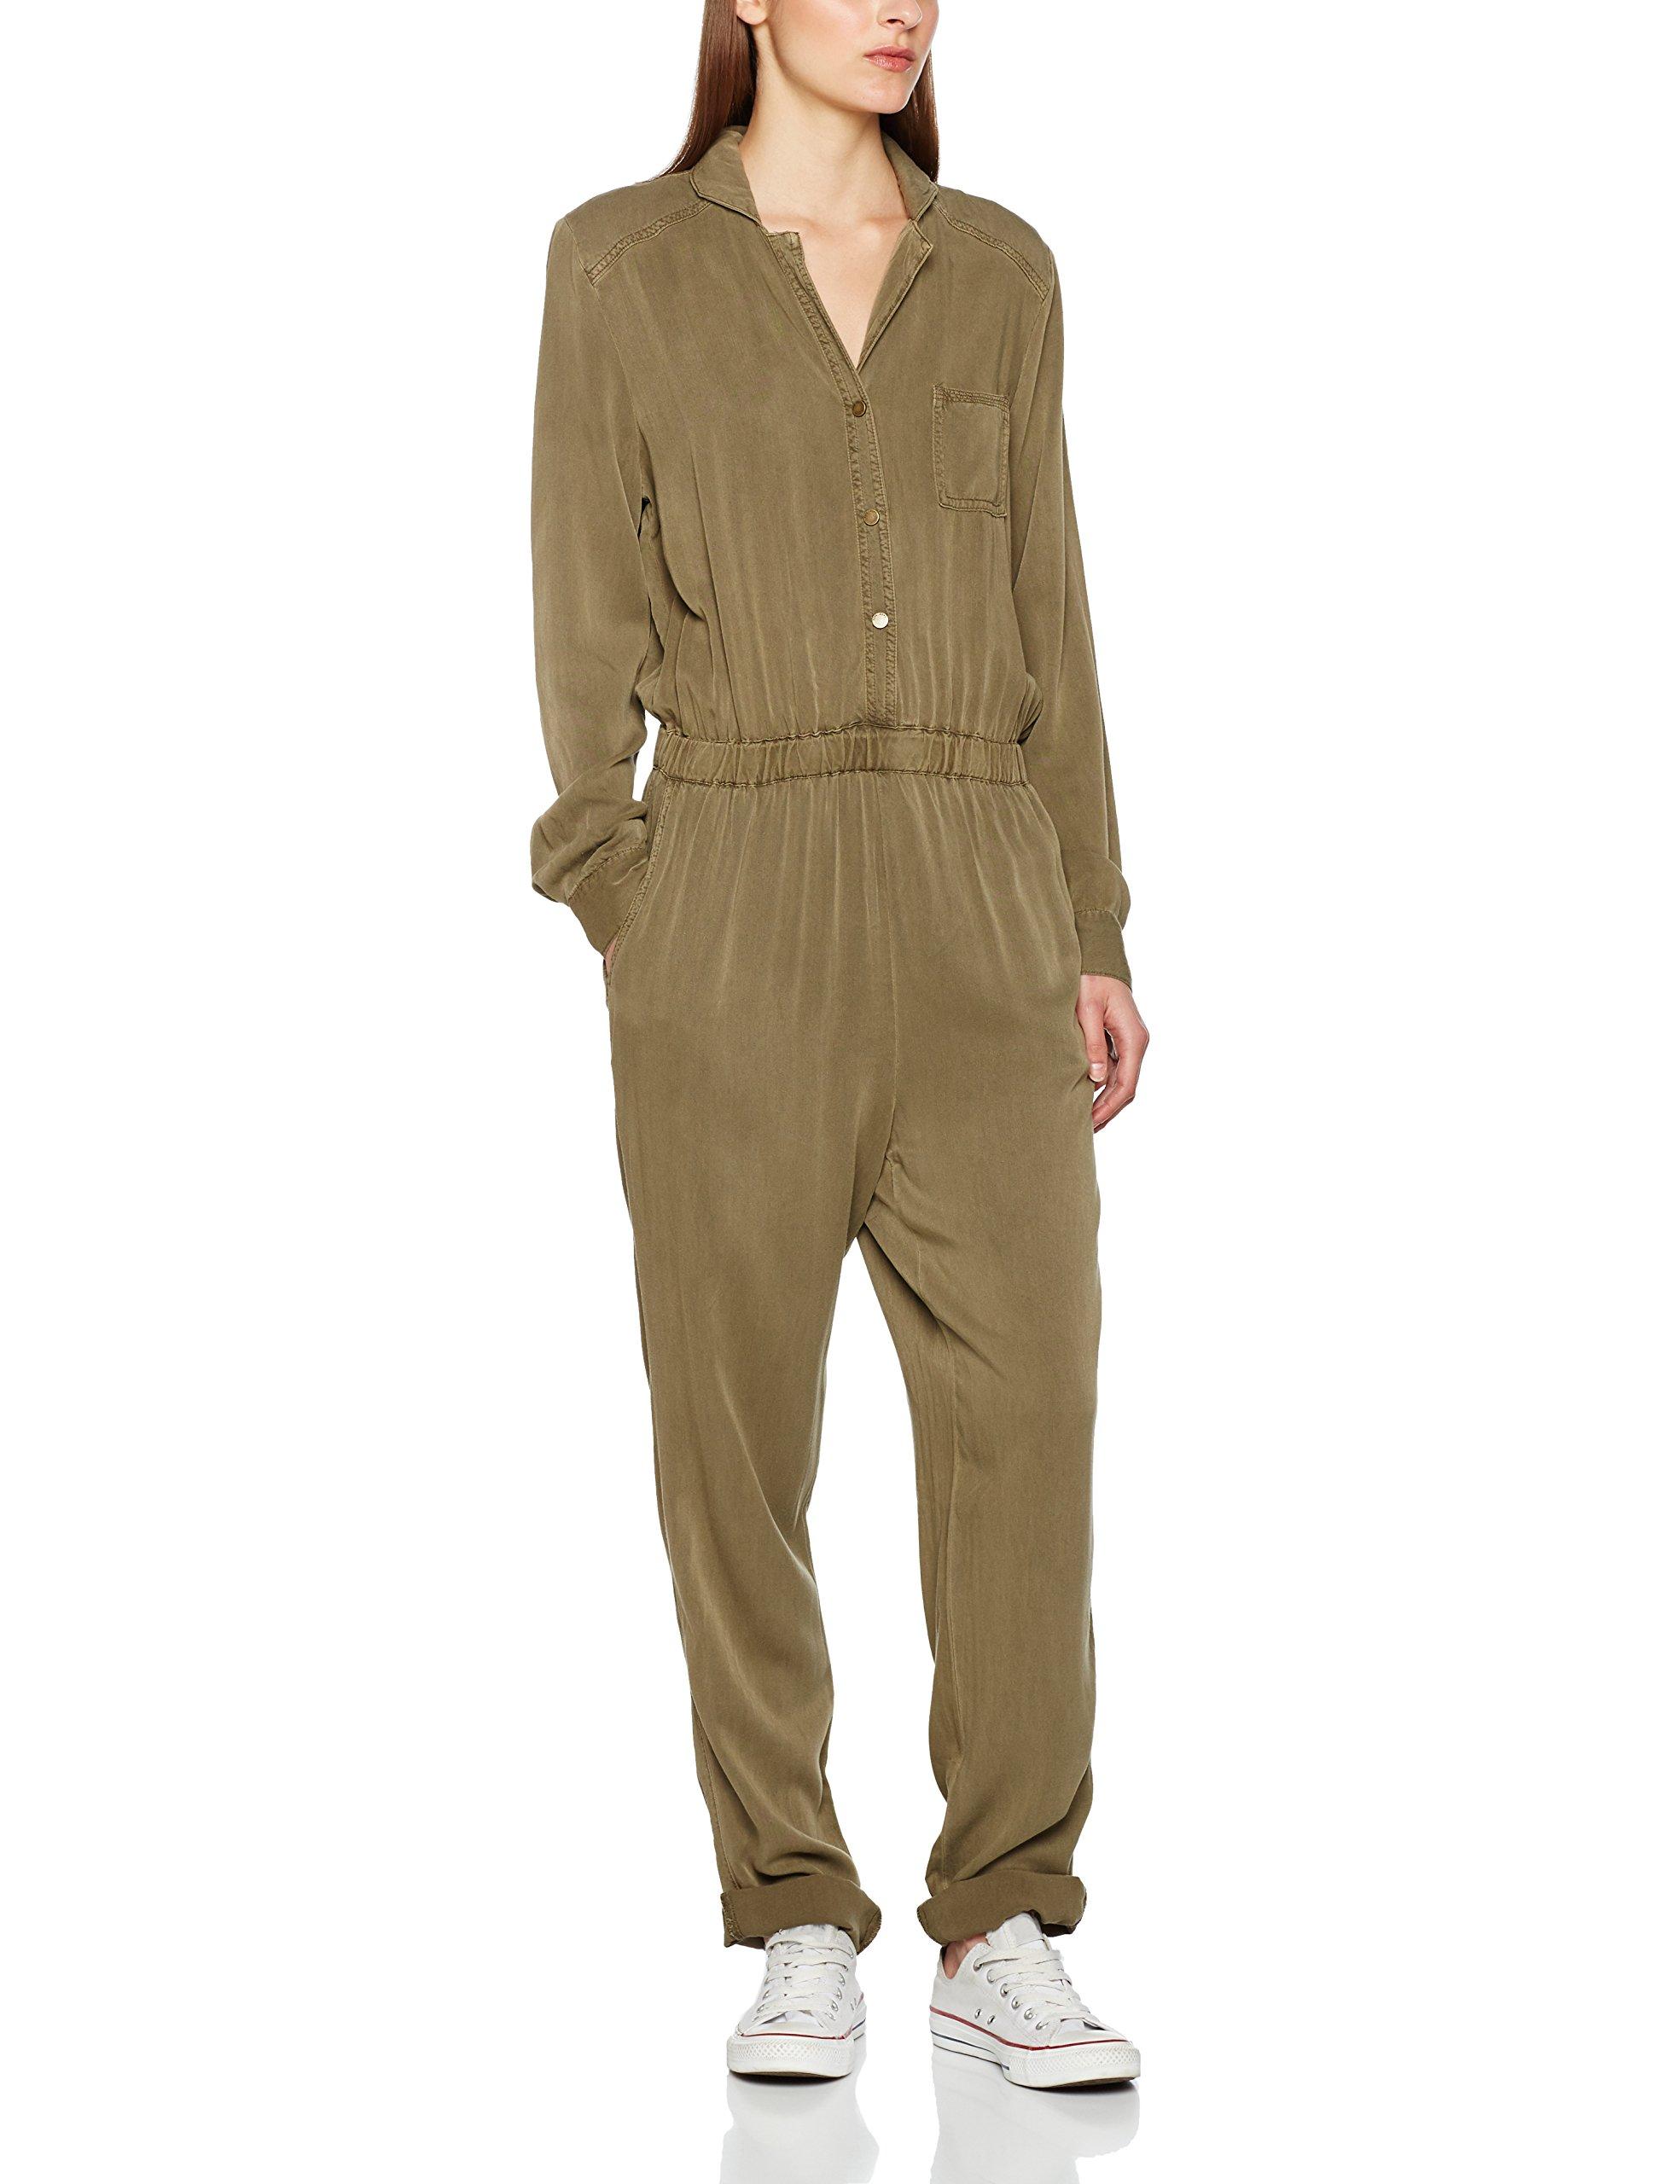 Pepe Jeans FemmeVertdark KhakiFr38taille FabricantS DaisyCombinaison NOP08Xnwk